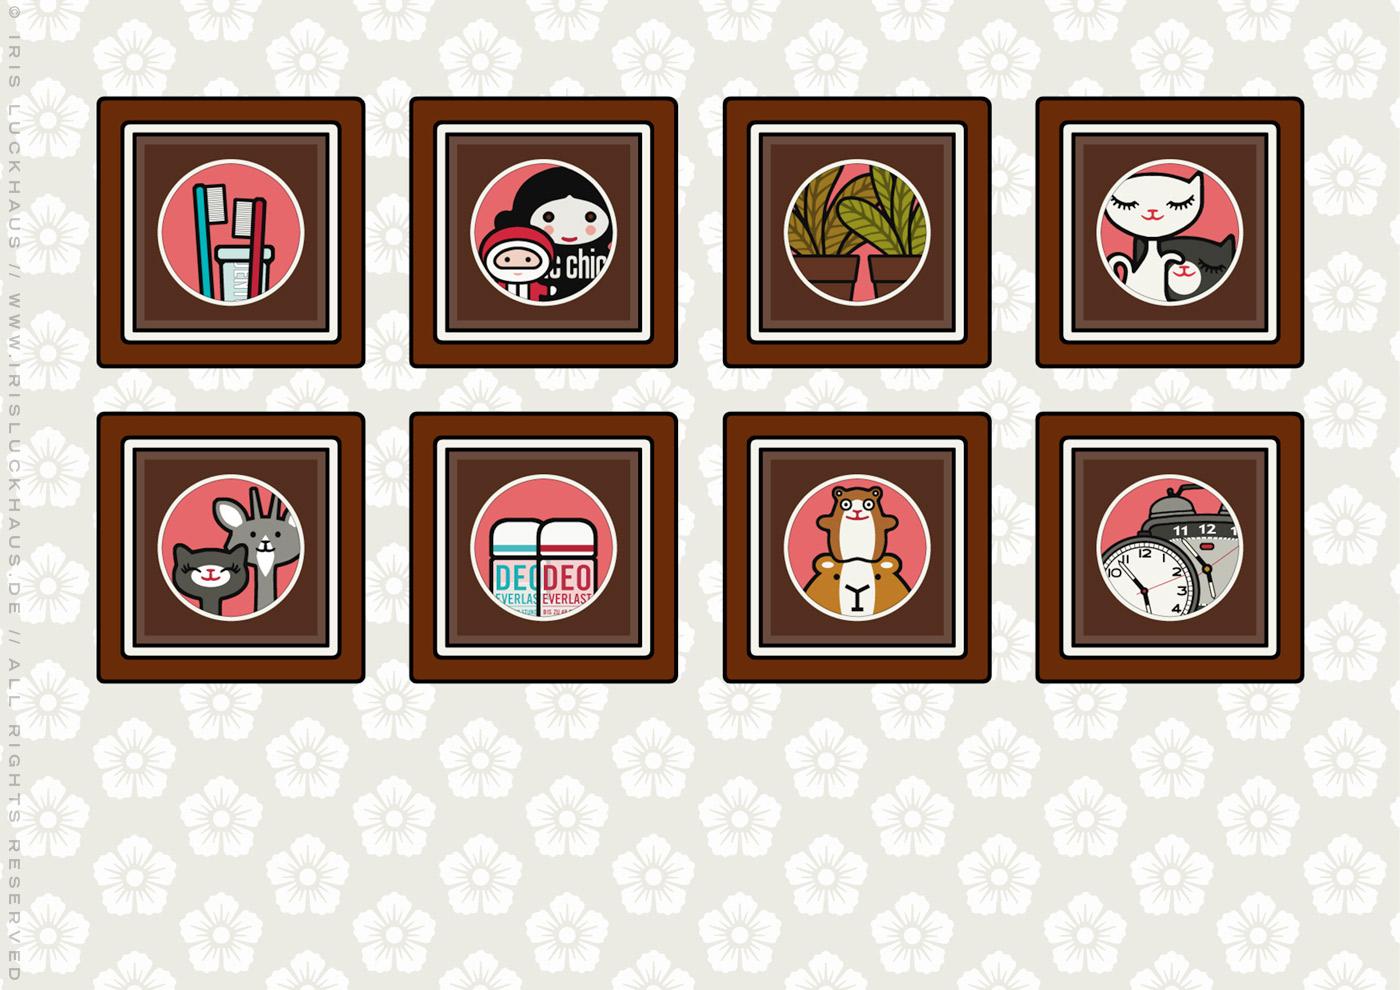 Zeichnung von mehreren Rahmen mit gezeichneten Fotos von Dingen und Figuren als Paare, für Lily Lux